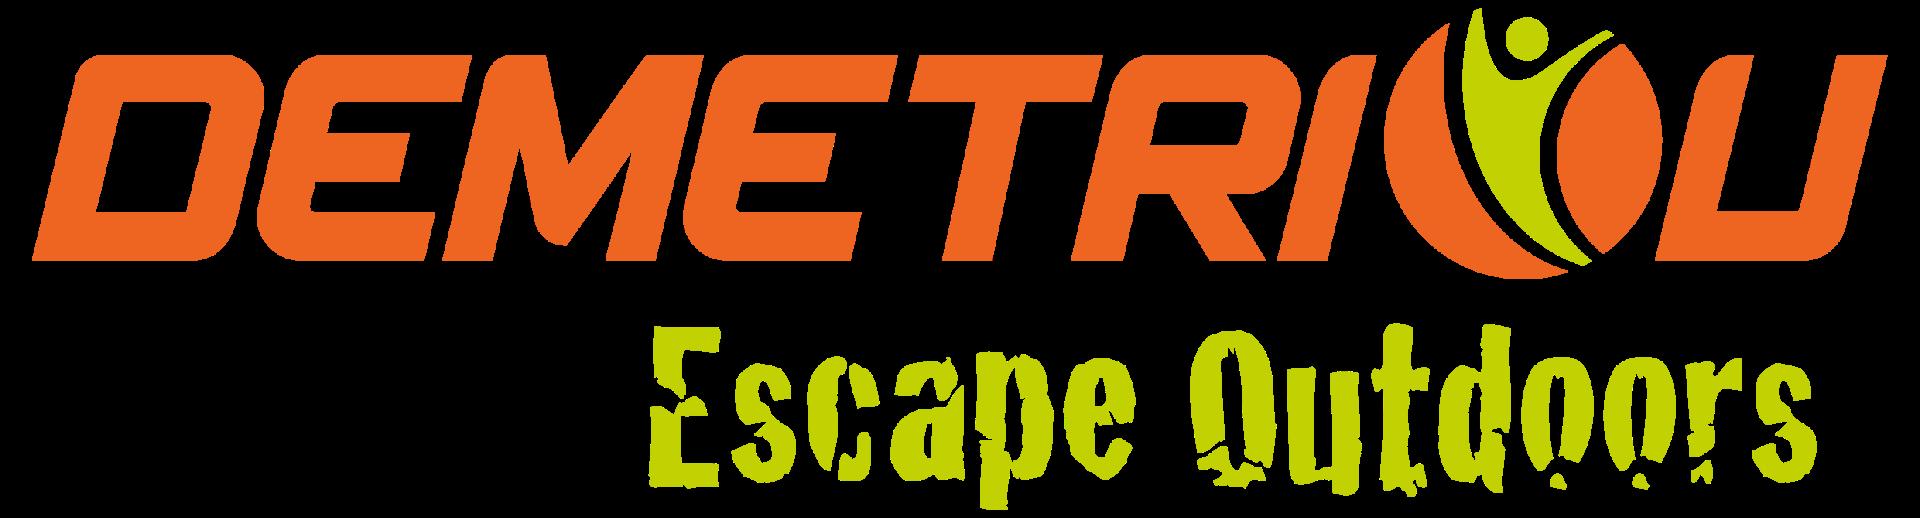 Escape outdoor logo